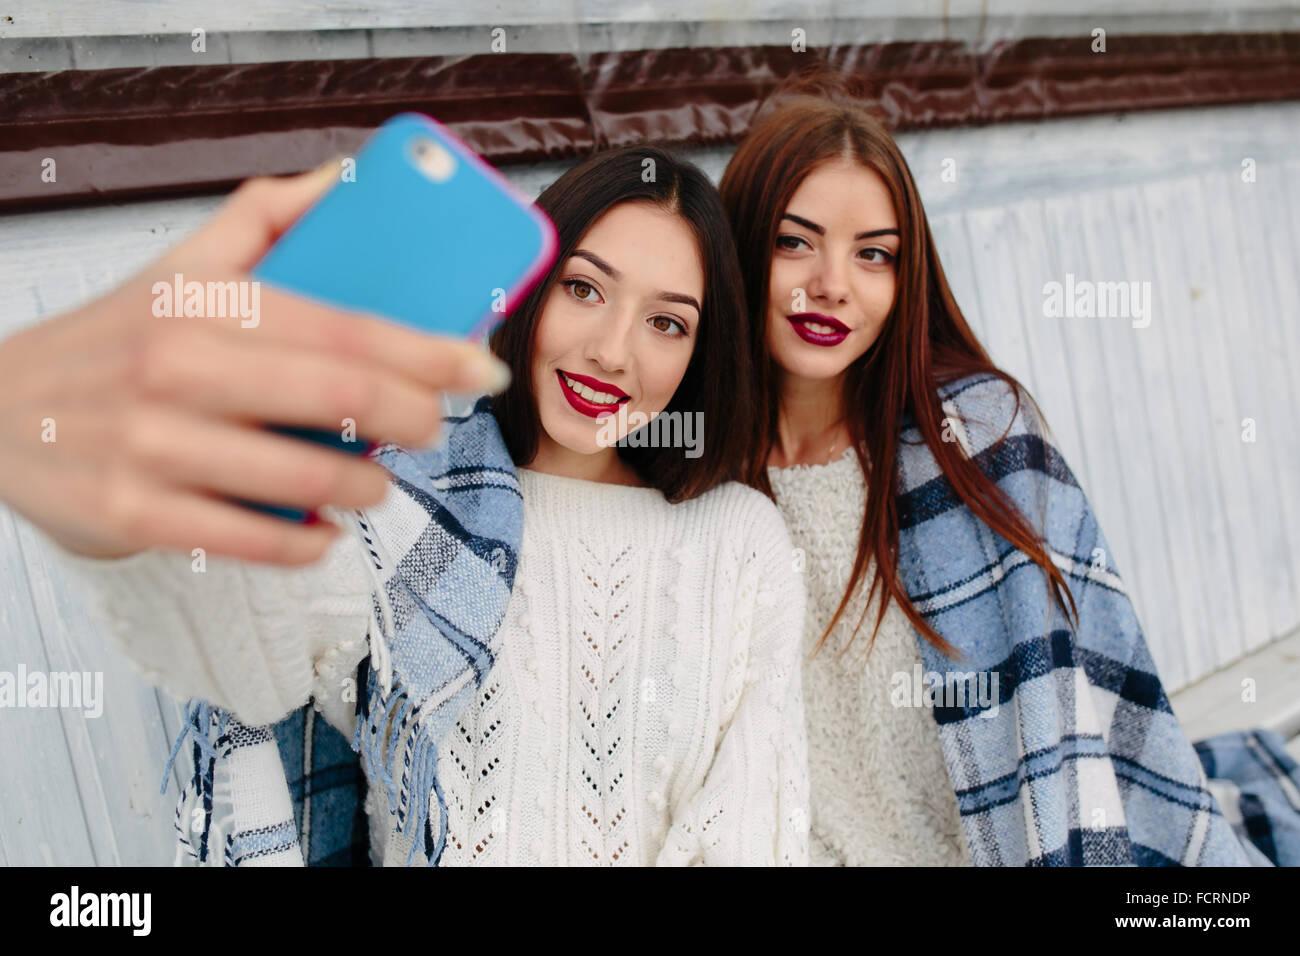 Deux jeunes filles faire des selfies Photo Stock